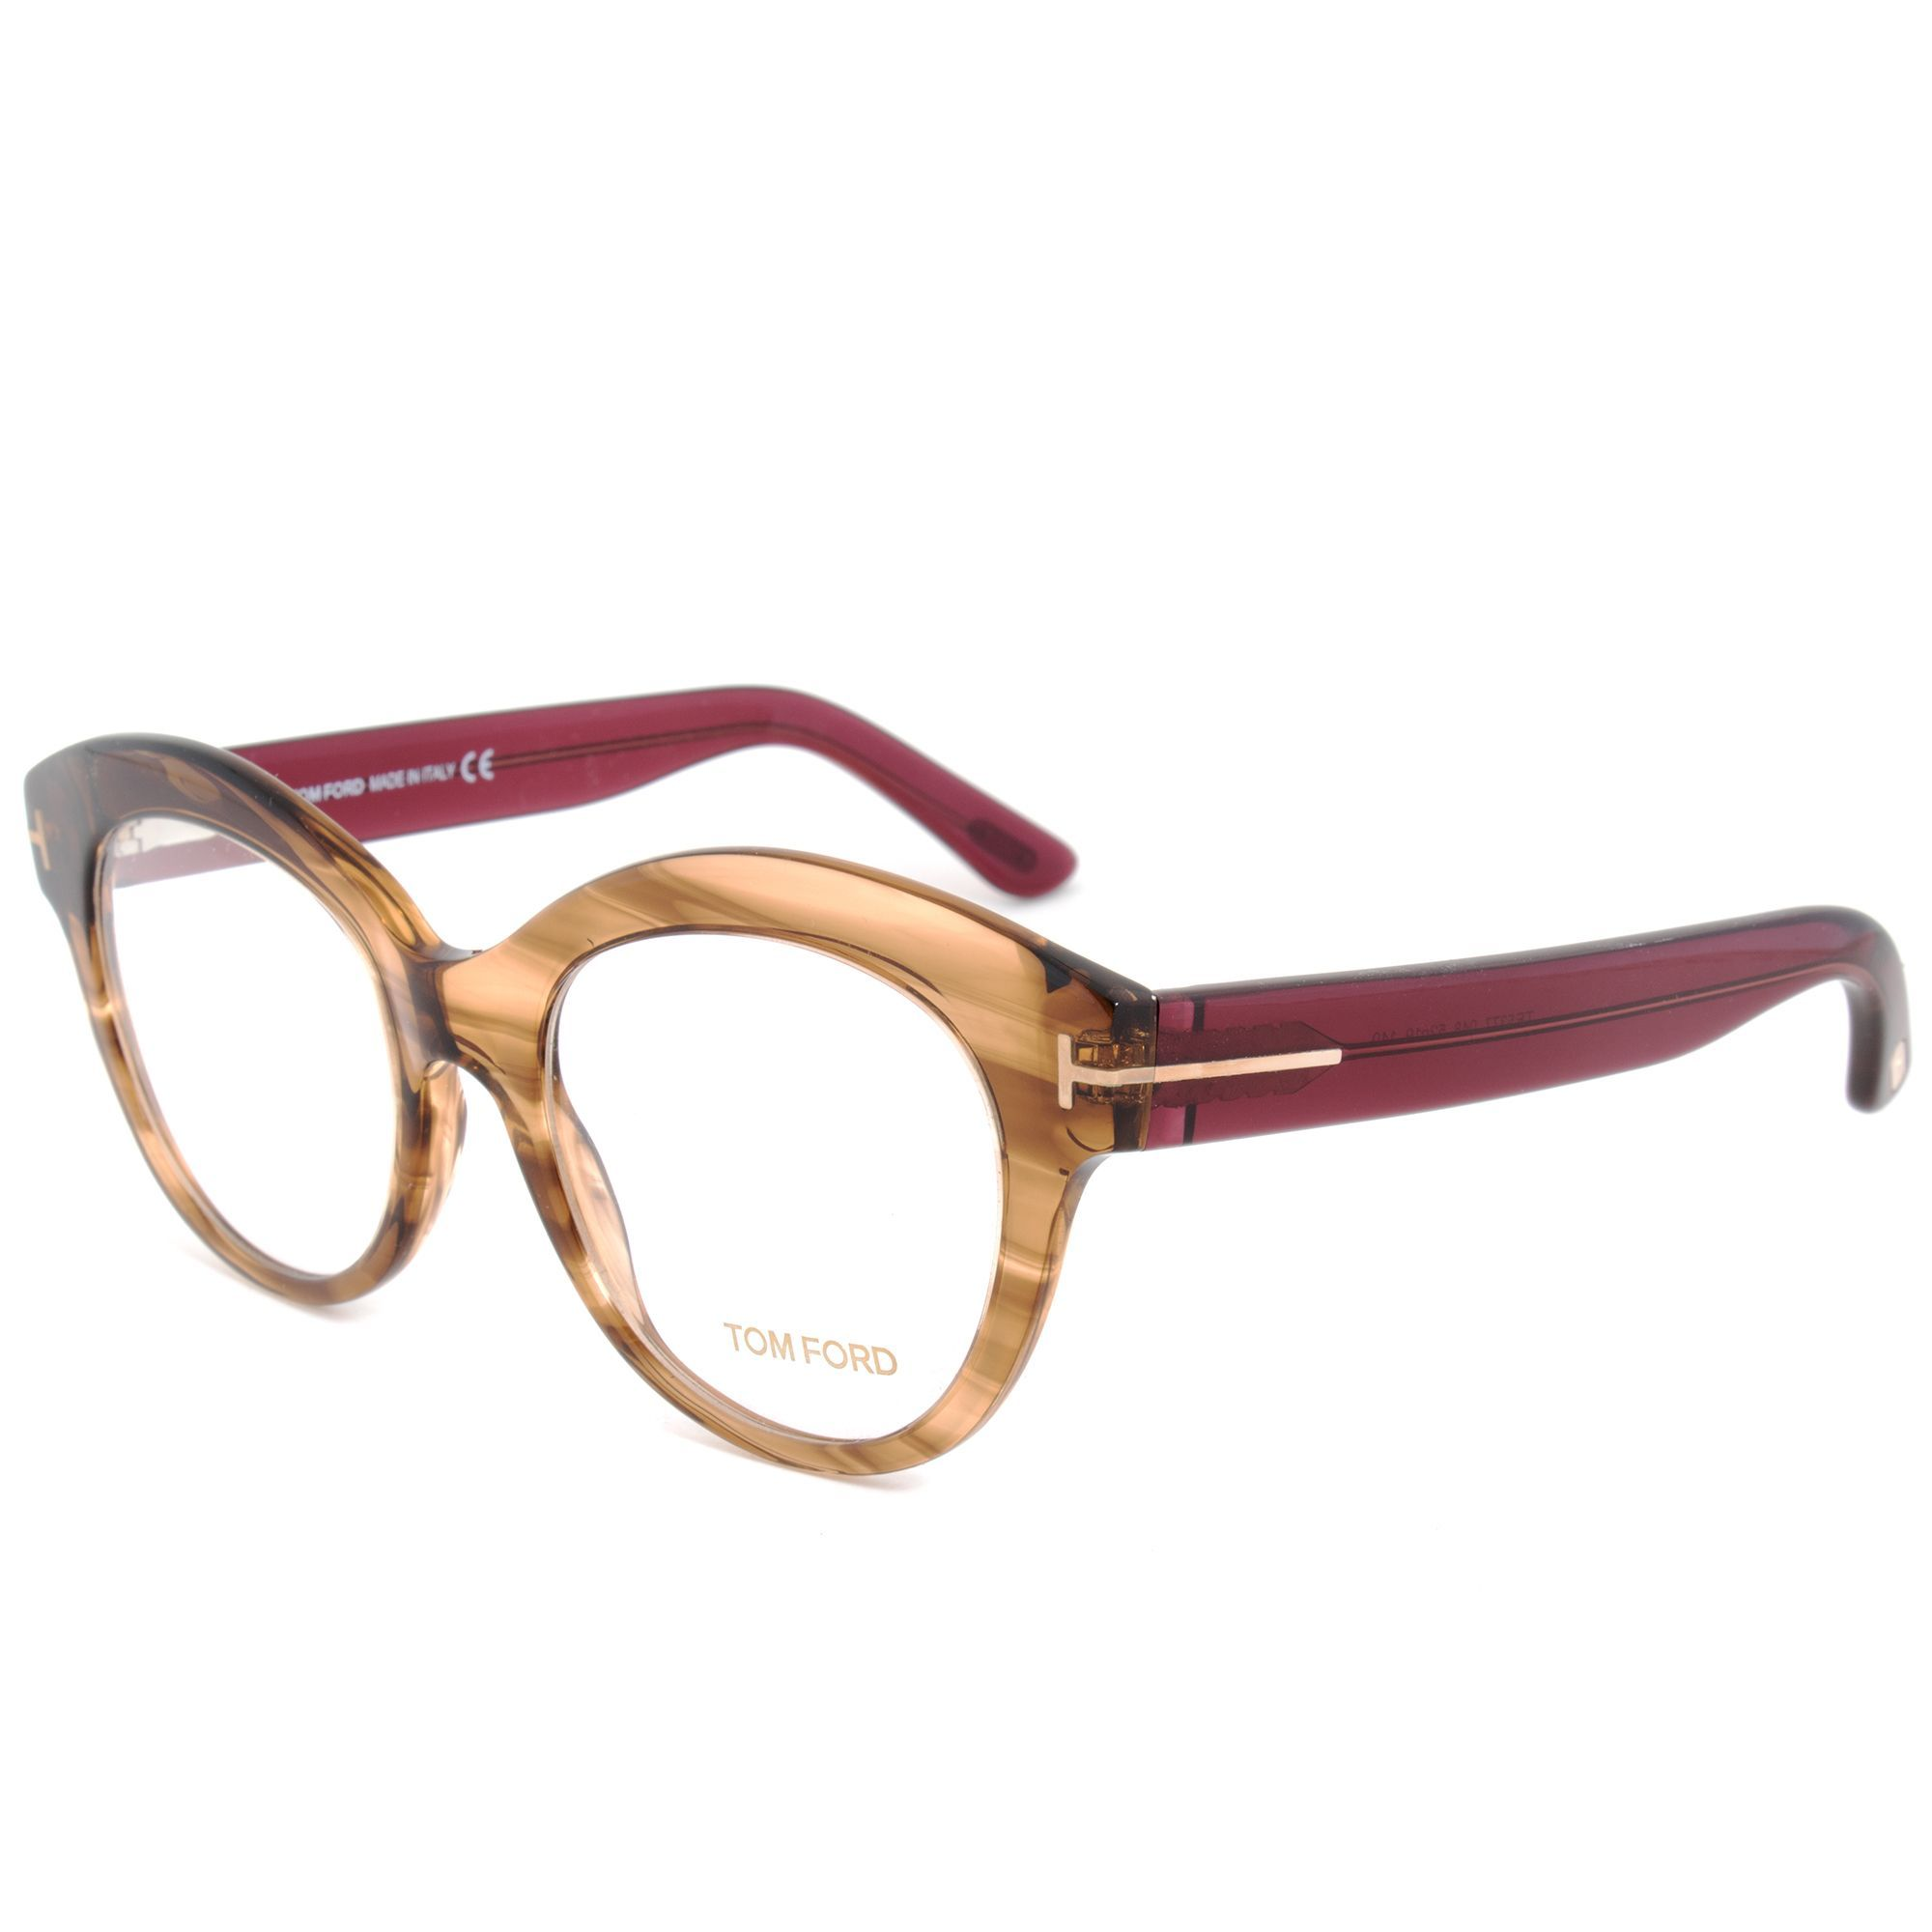 4fe68869456 Tom Ford Eyeglasses Frame TF5377 048